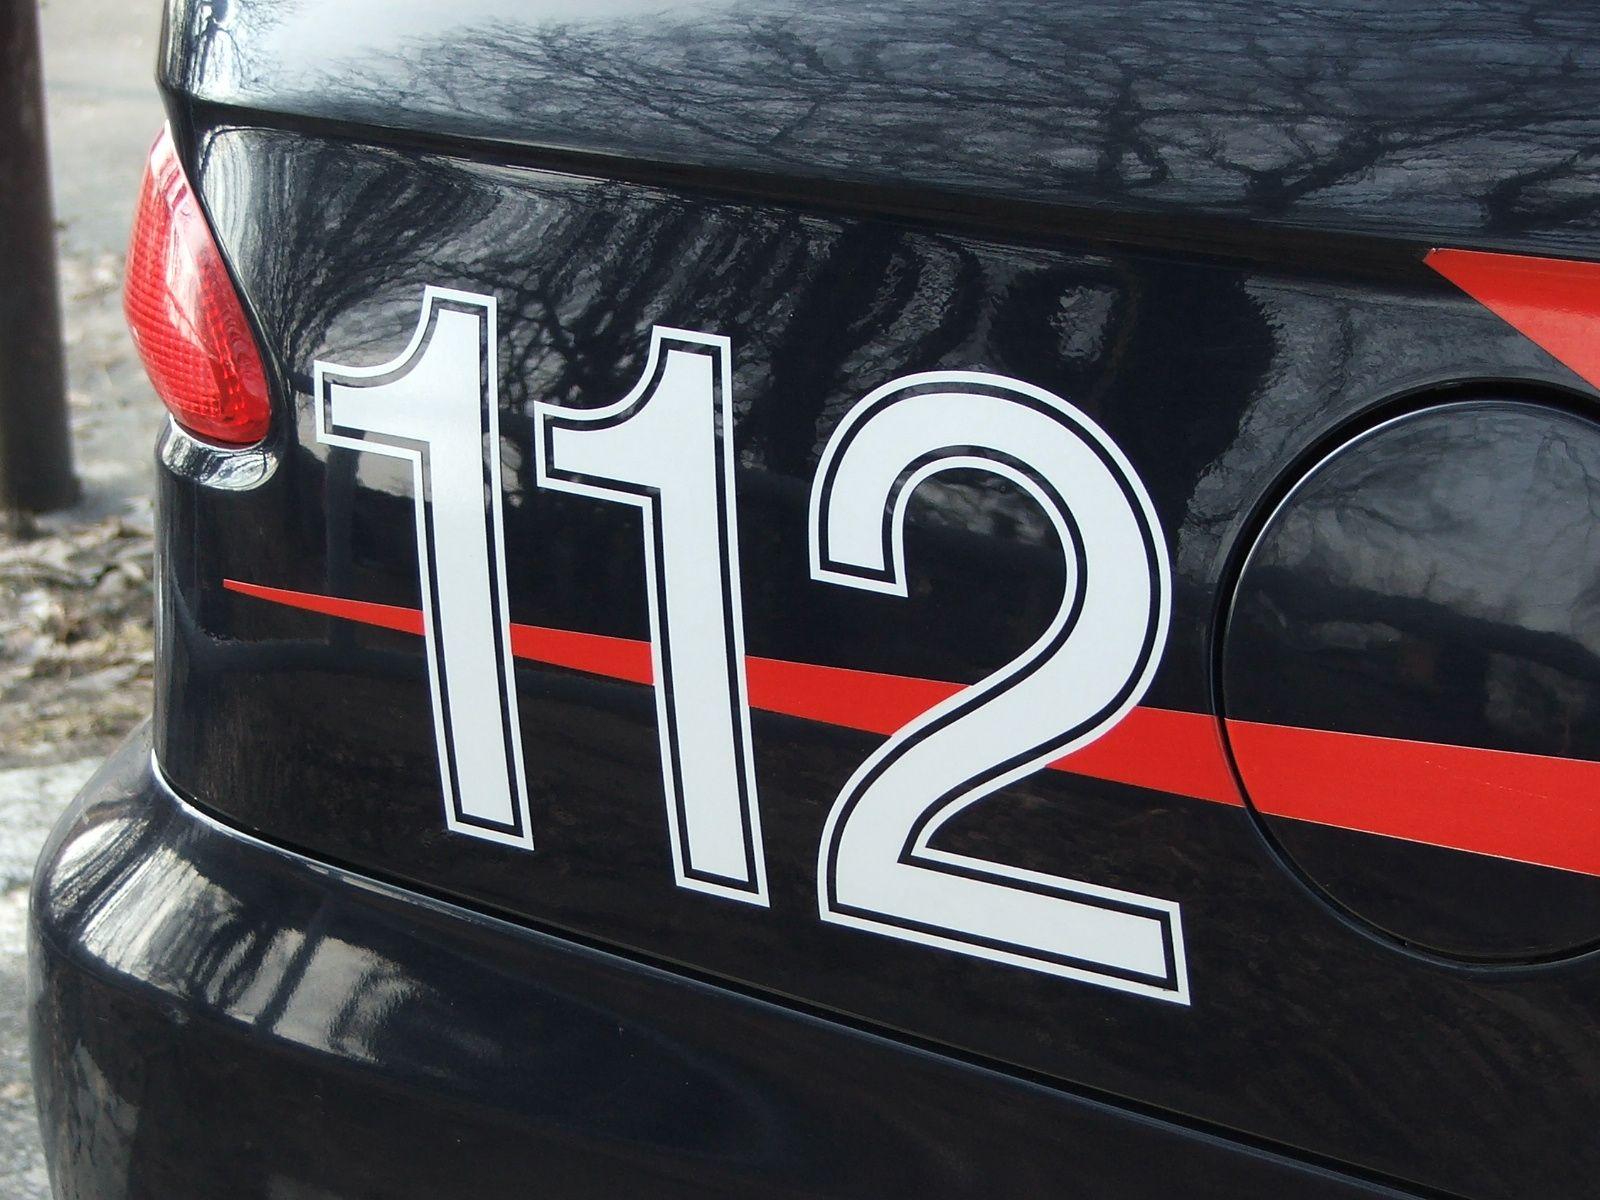 BORGARO - Ordine pubblico: i carabinieri chiudono un bar